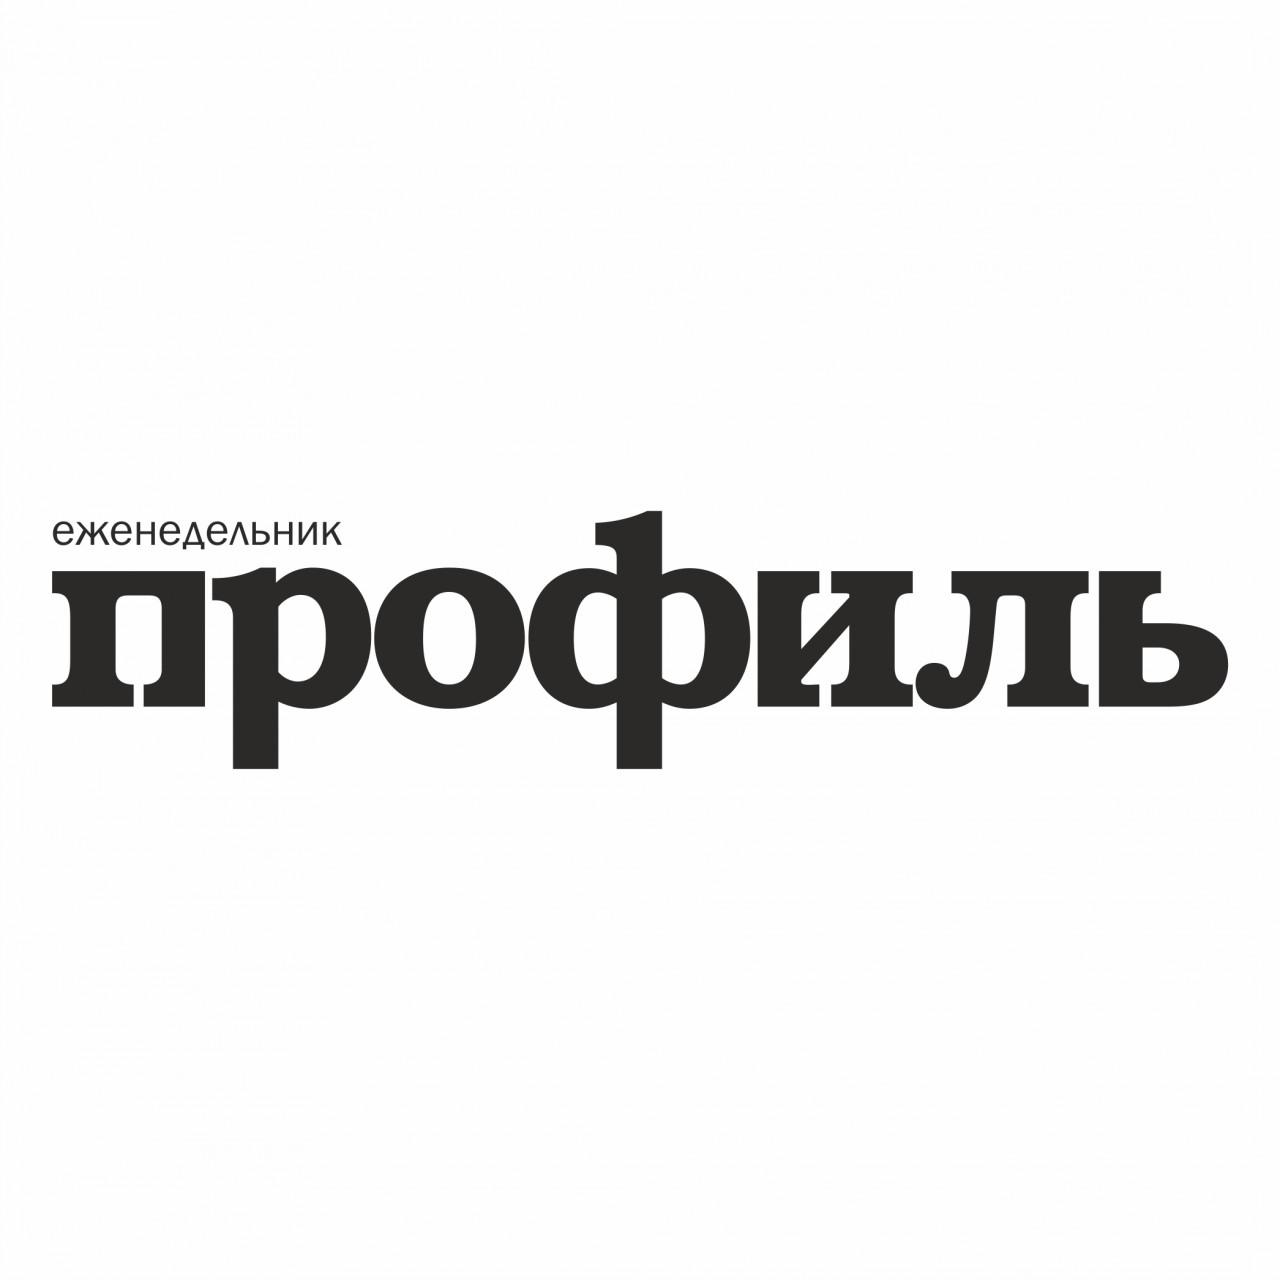 Депутатам Госдумы предложили платить среднюю зарплату по стране